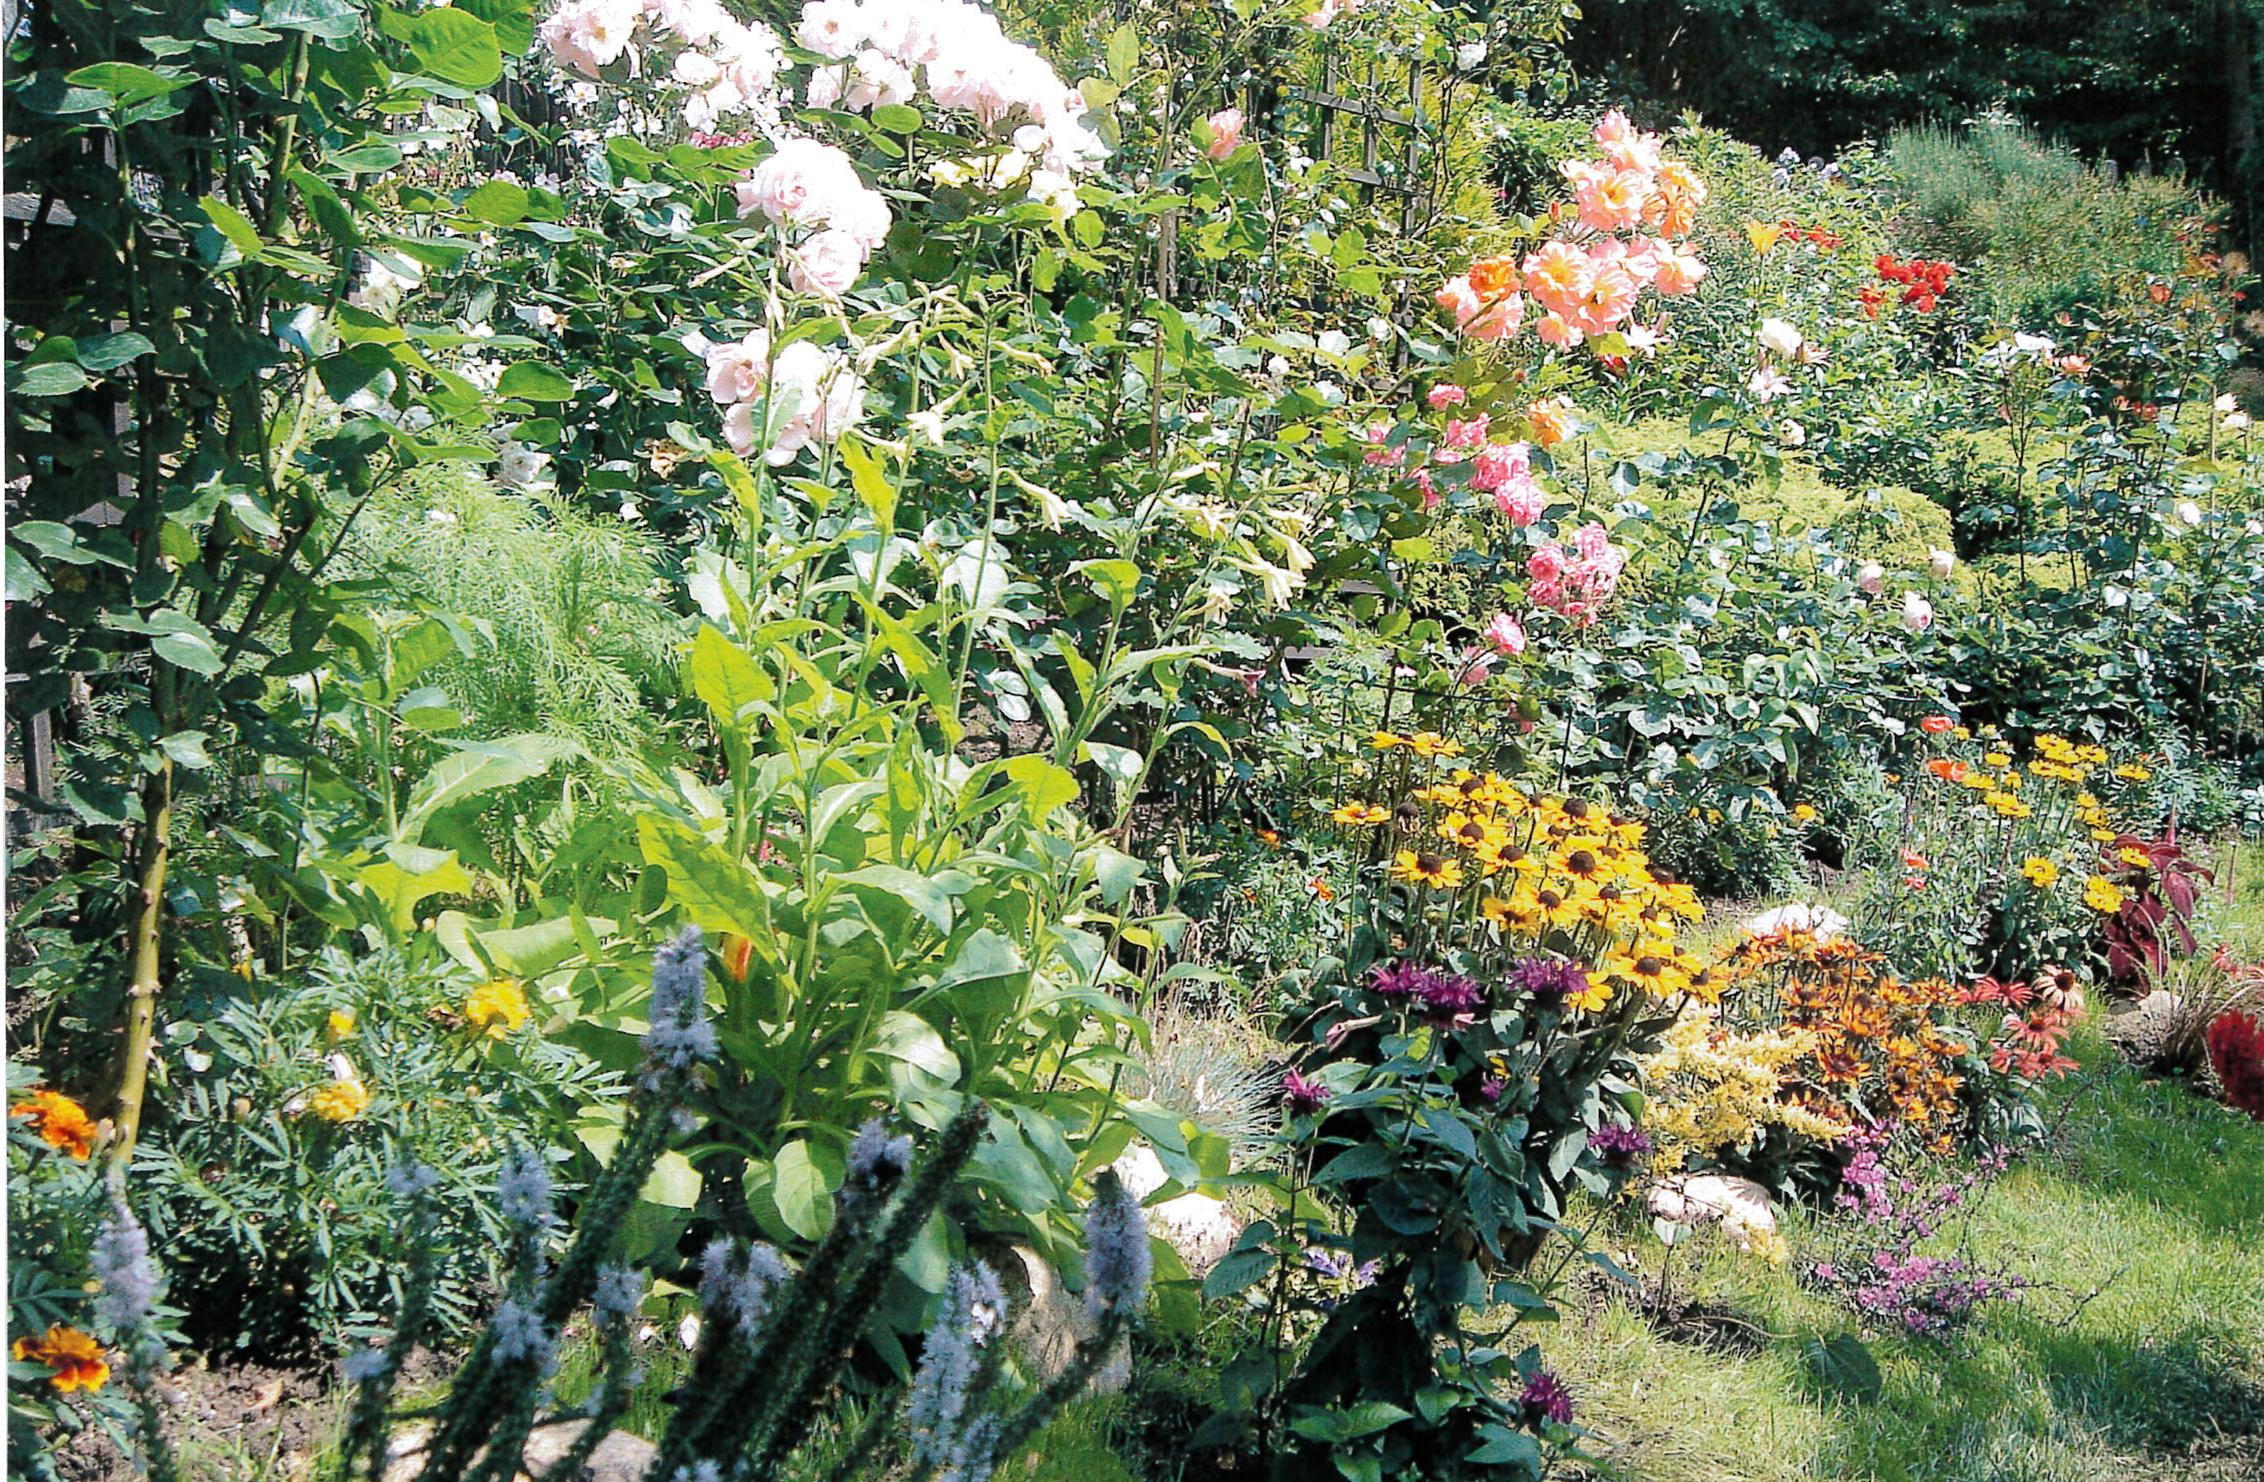 aranżacja autorstwa Katarzyny Osieckiej i Krystyny Bilkiewicz, w której przeważają róże, rudbekie, aksamitki i złocienie